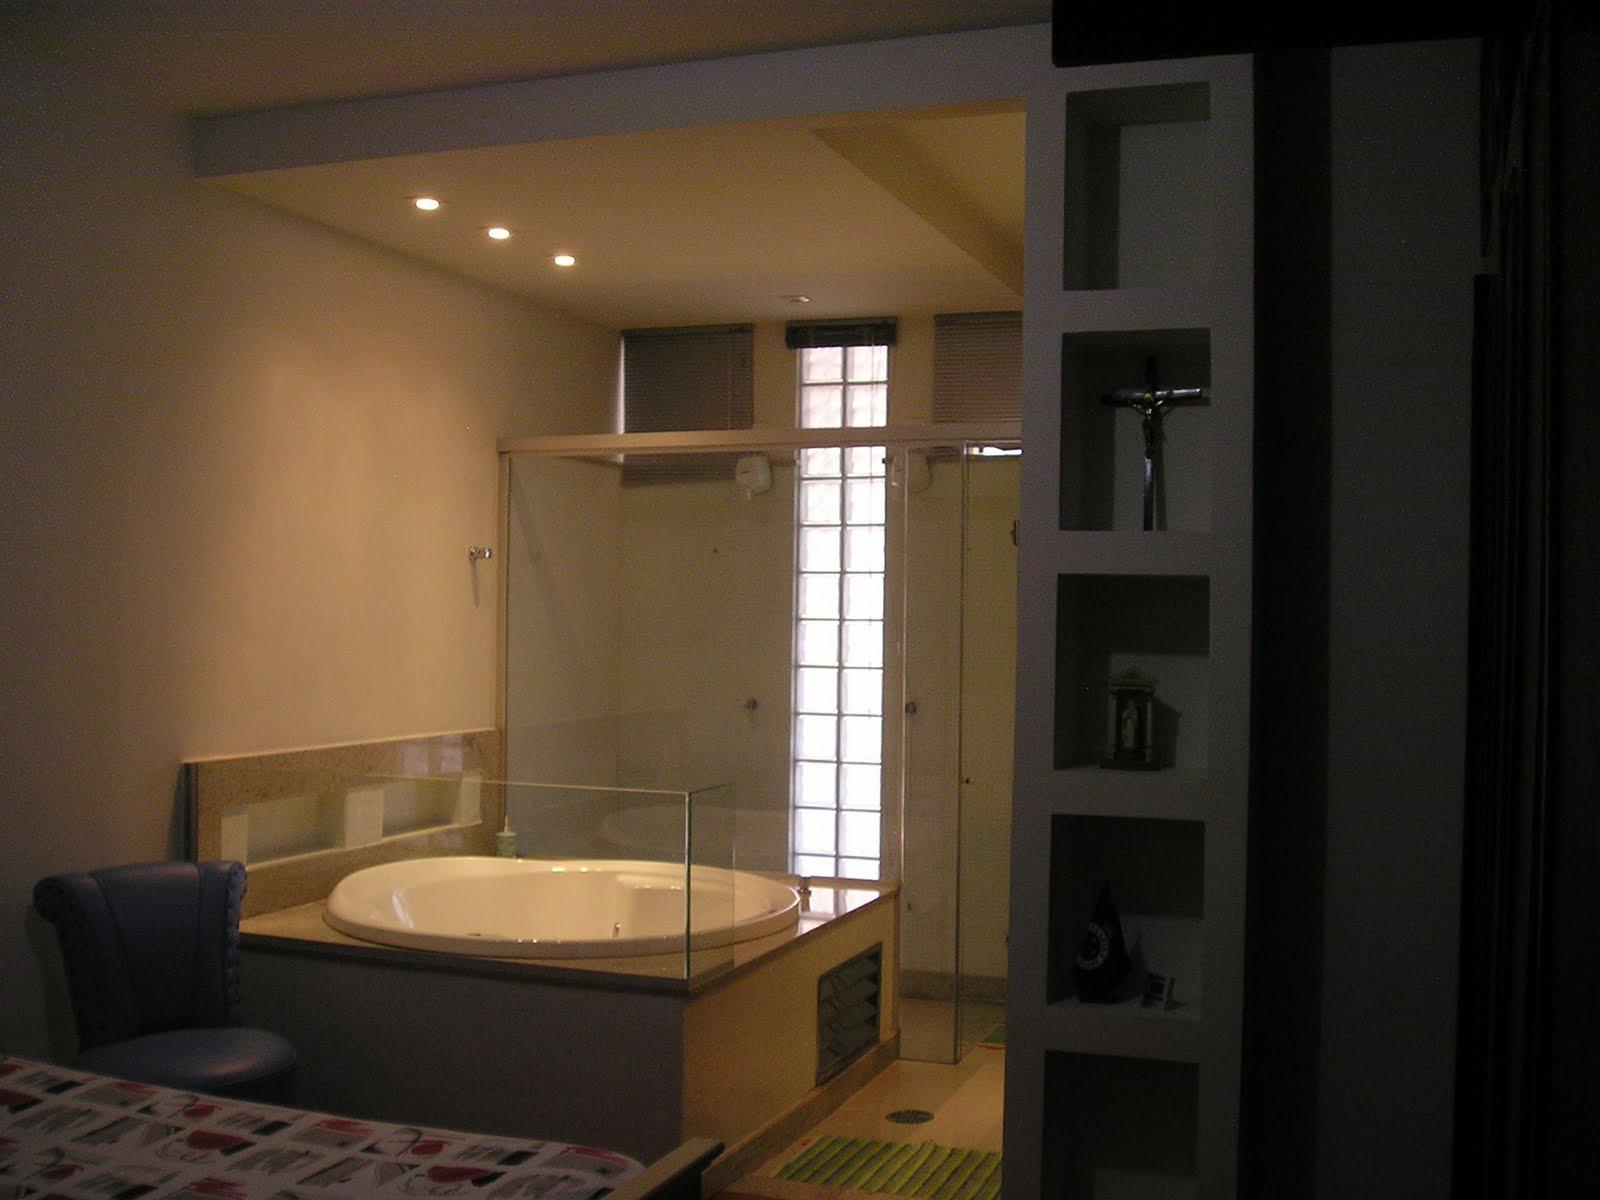 Restauro Decoração Paisagismo: Confira Projeto Banheiro Suite #9C6F2F 1600 1200